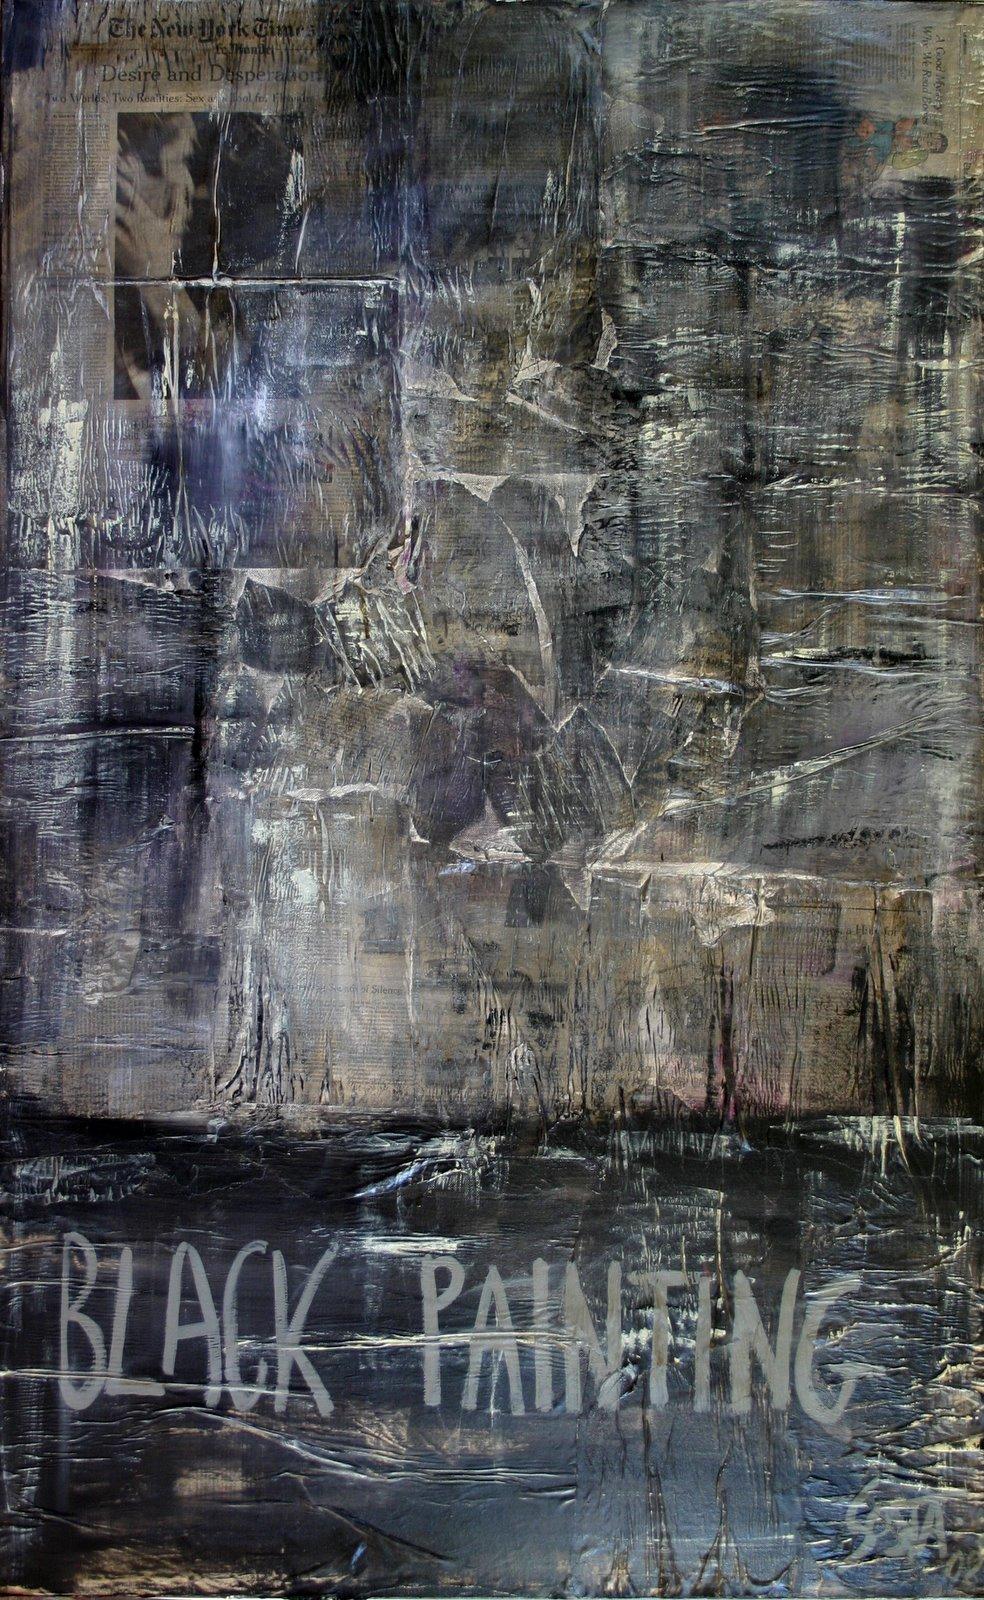 Tableau Contemporain, BLACK PAINTING 3. Sophie Costa, artiste peintre.